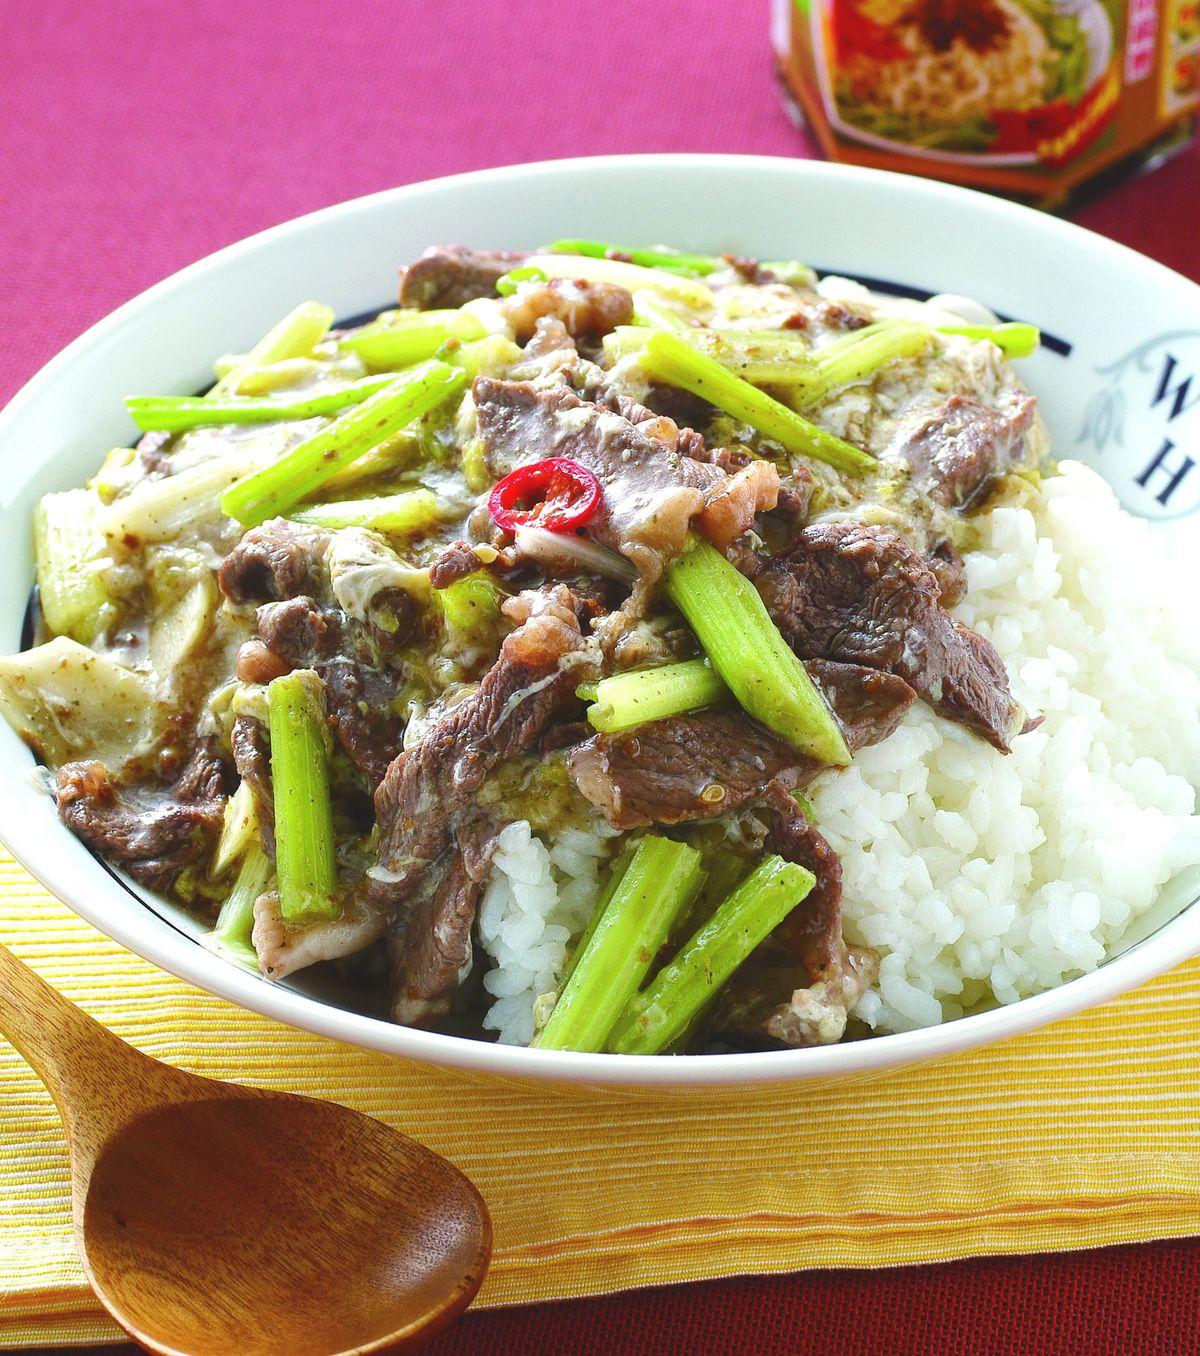 食譜:香椿牛肉滑蛋燴飯